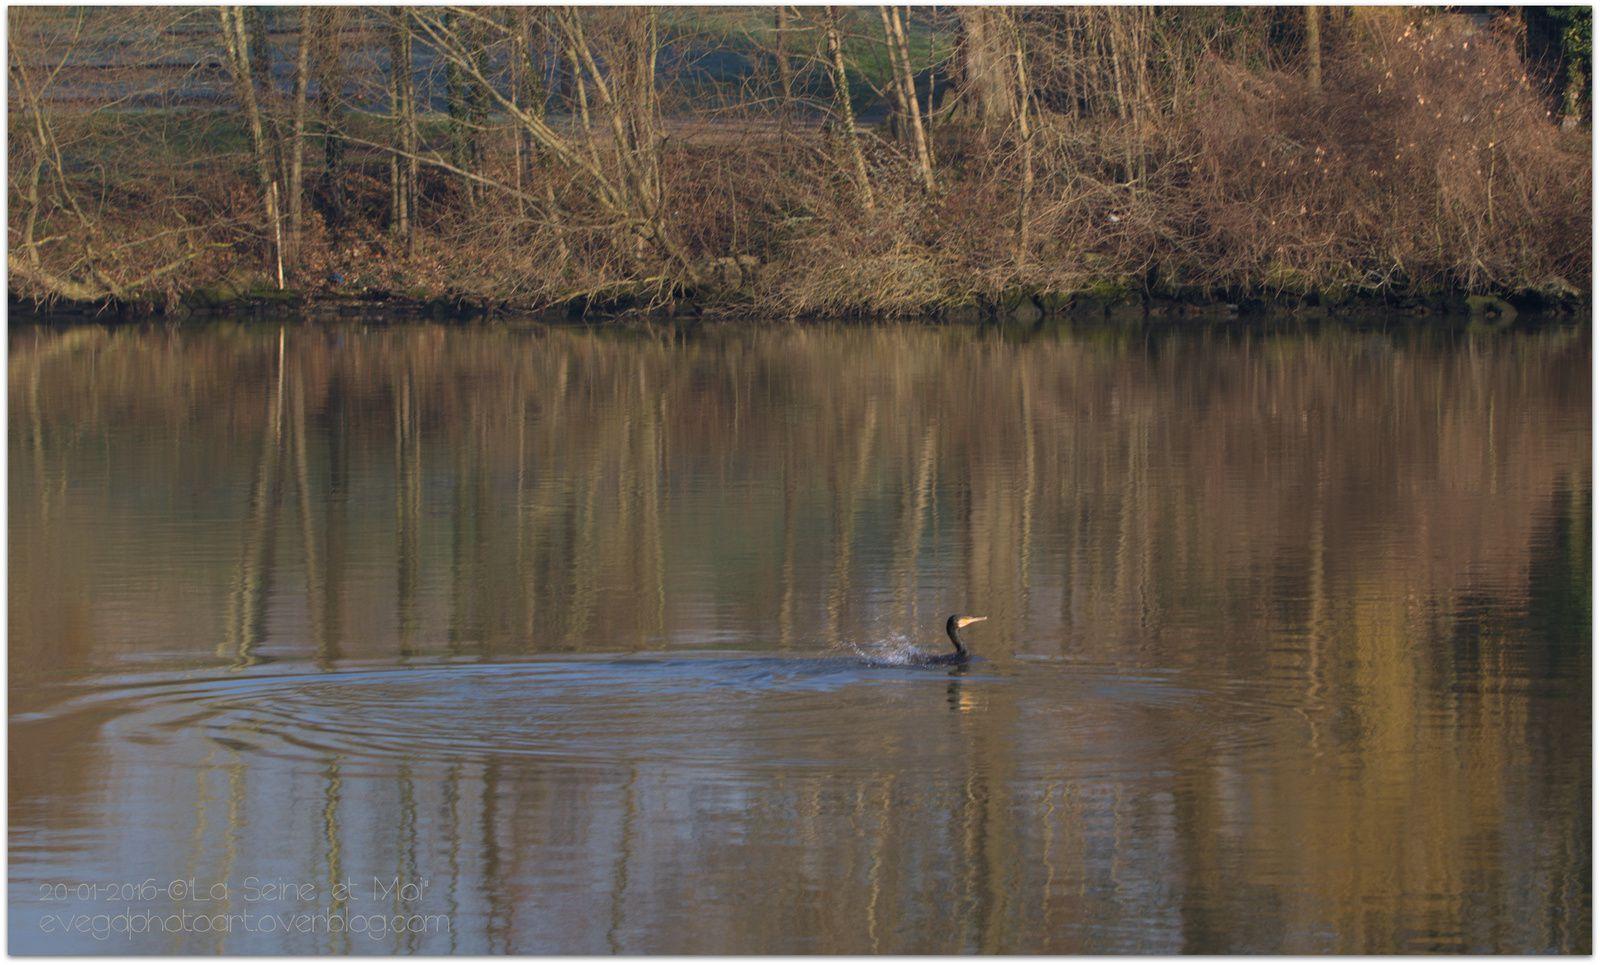 Les Bords de Seine et les Cormorans